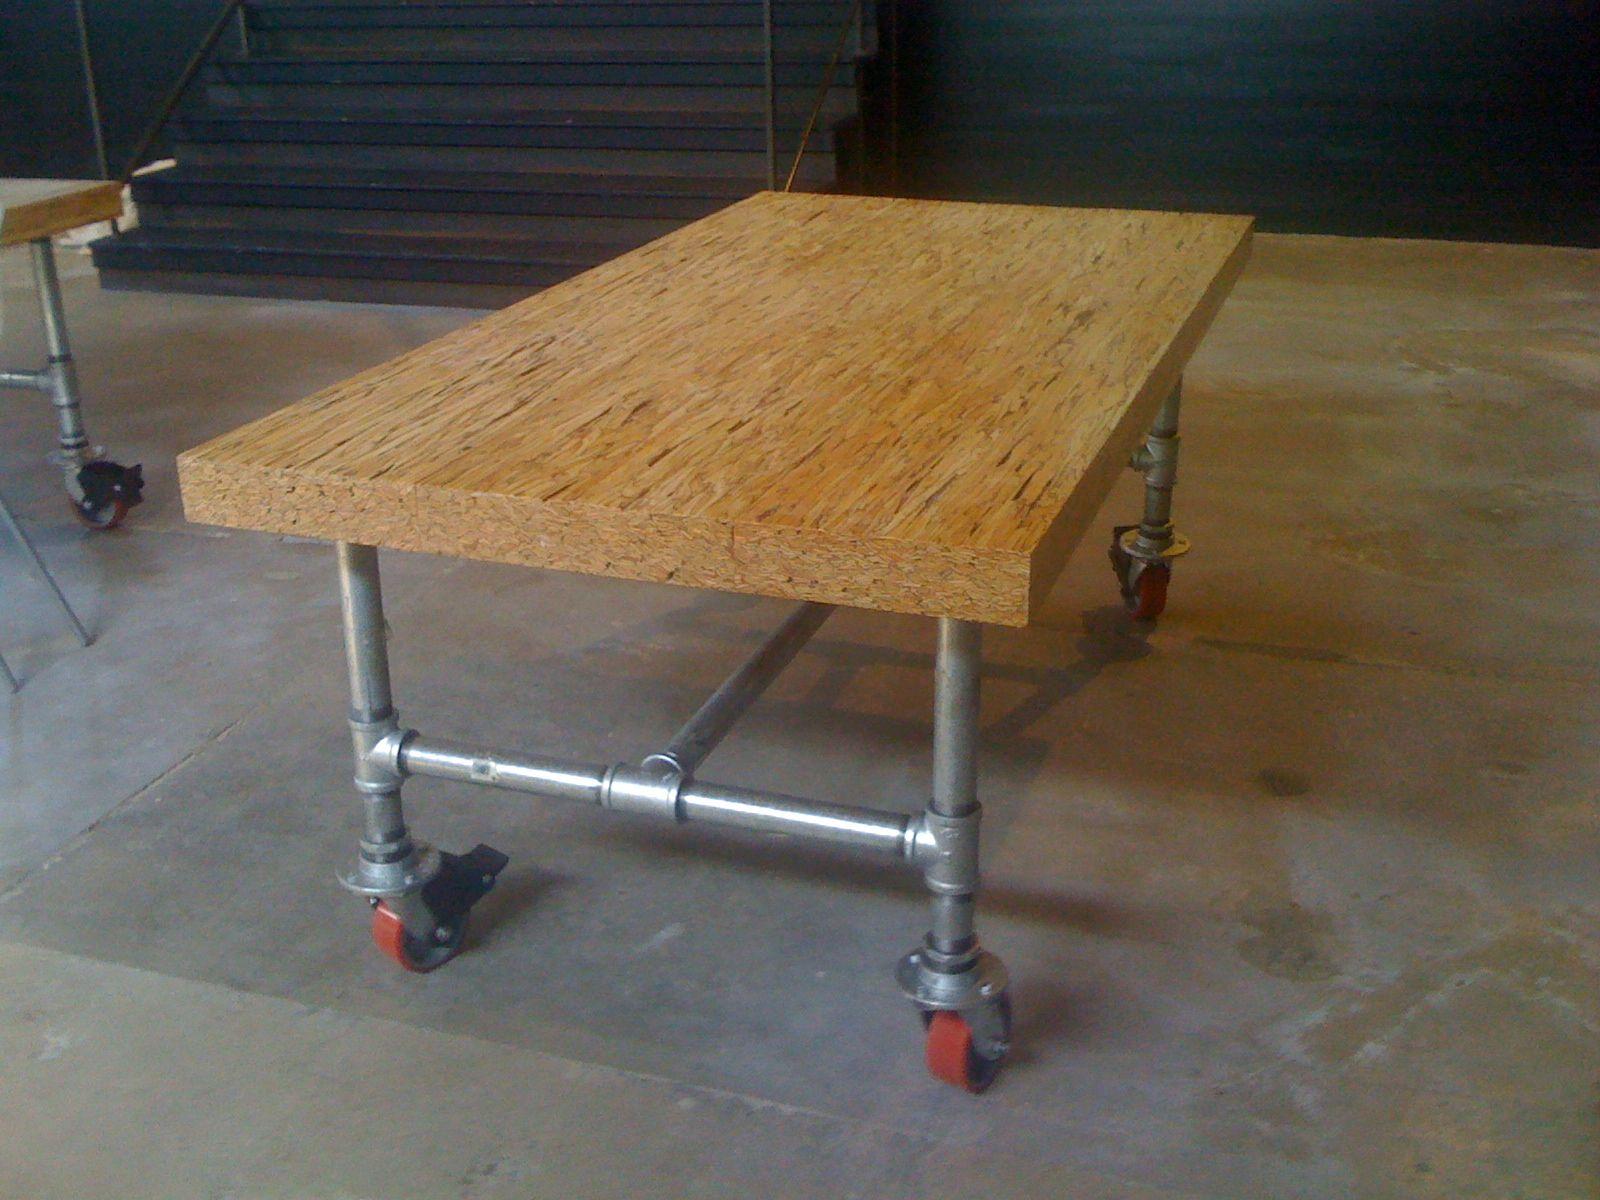 Douglas Fir Strand Laminated Lumber Urethane Coated